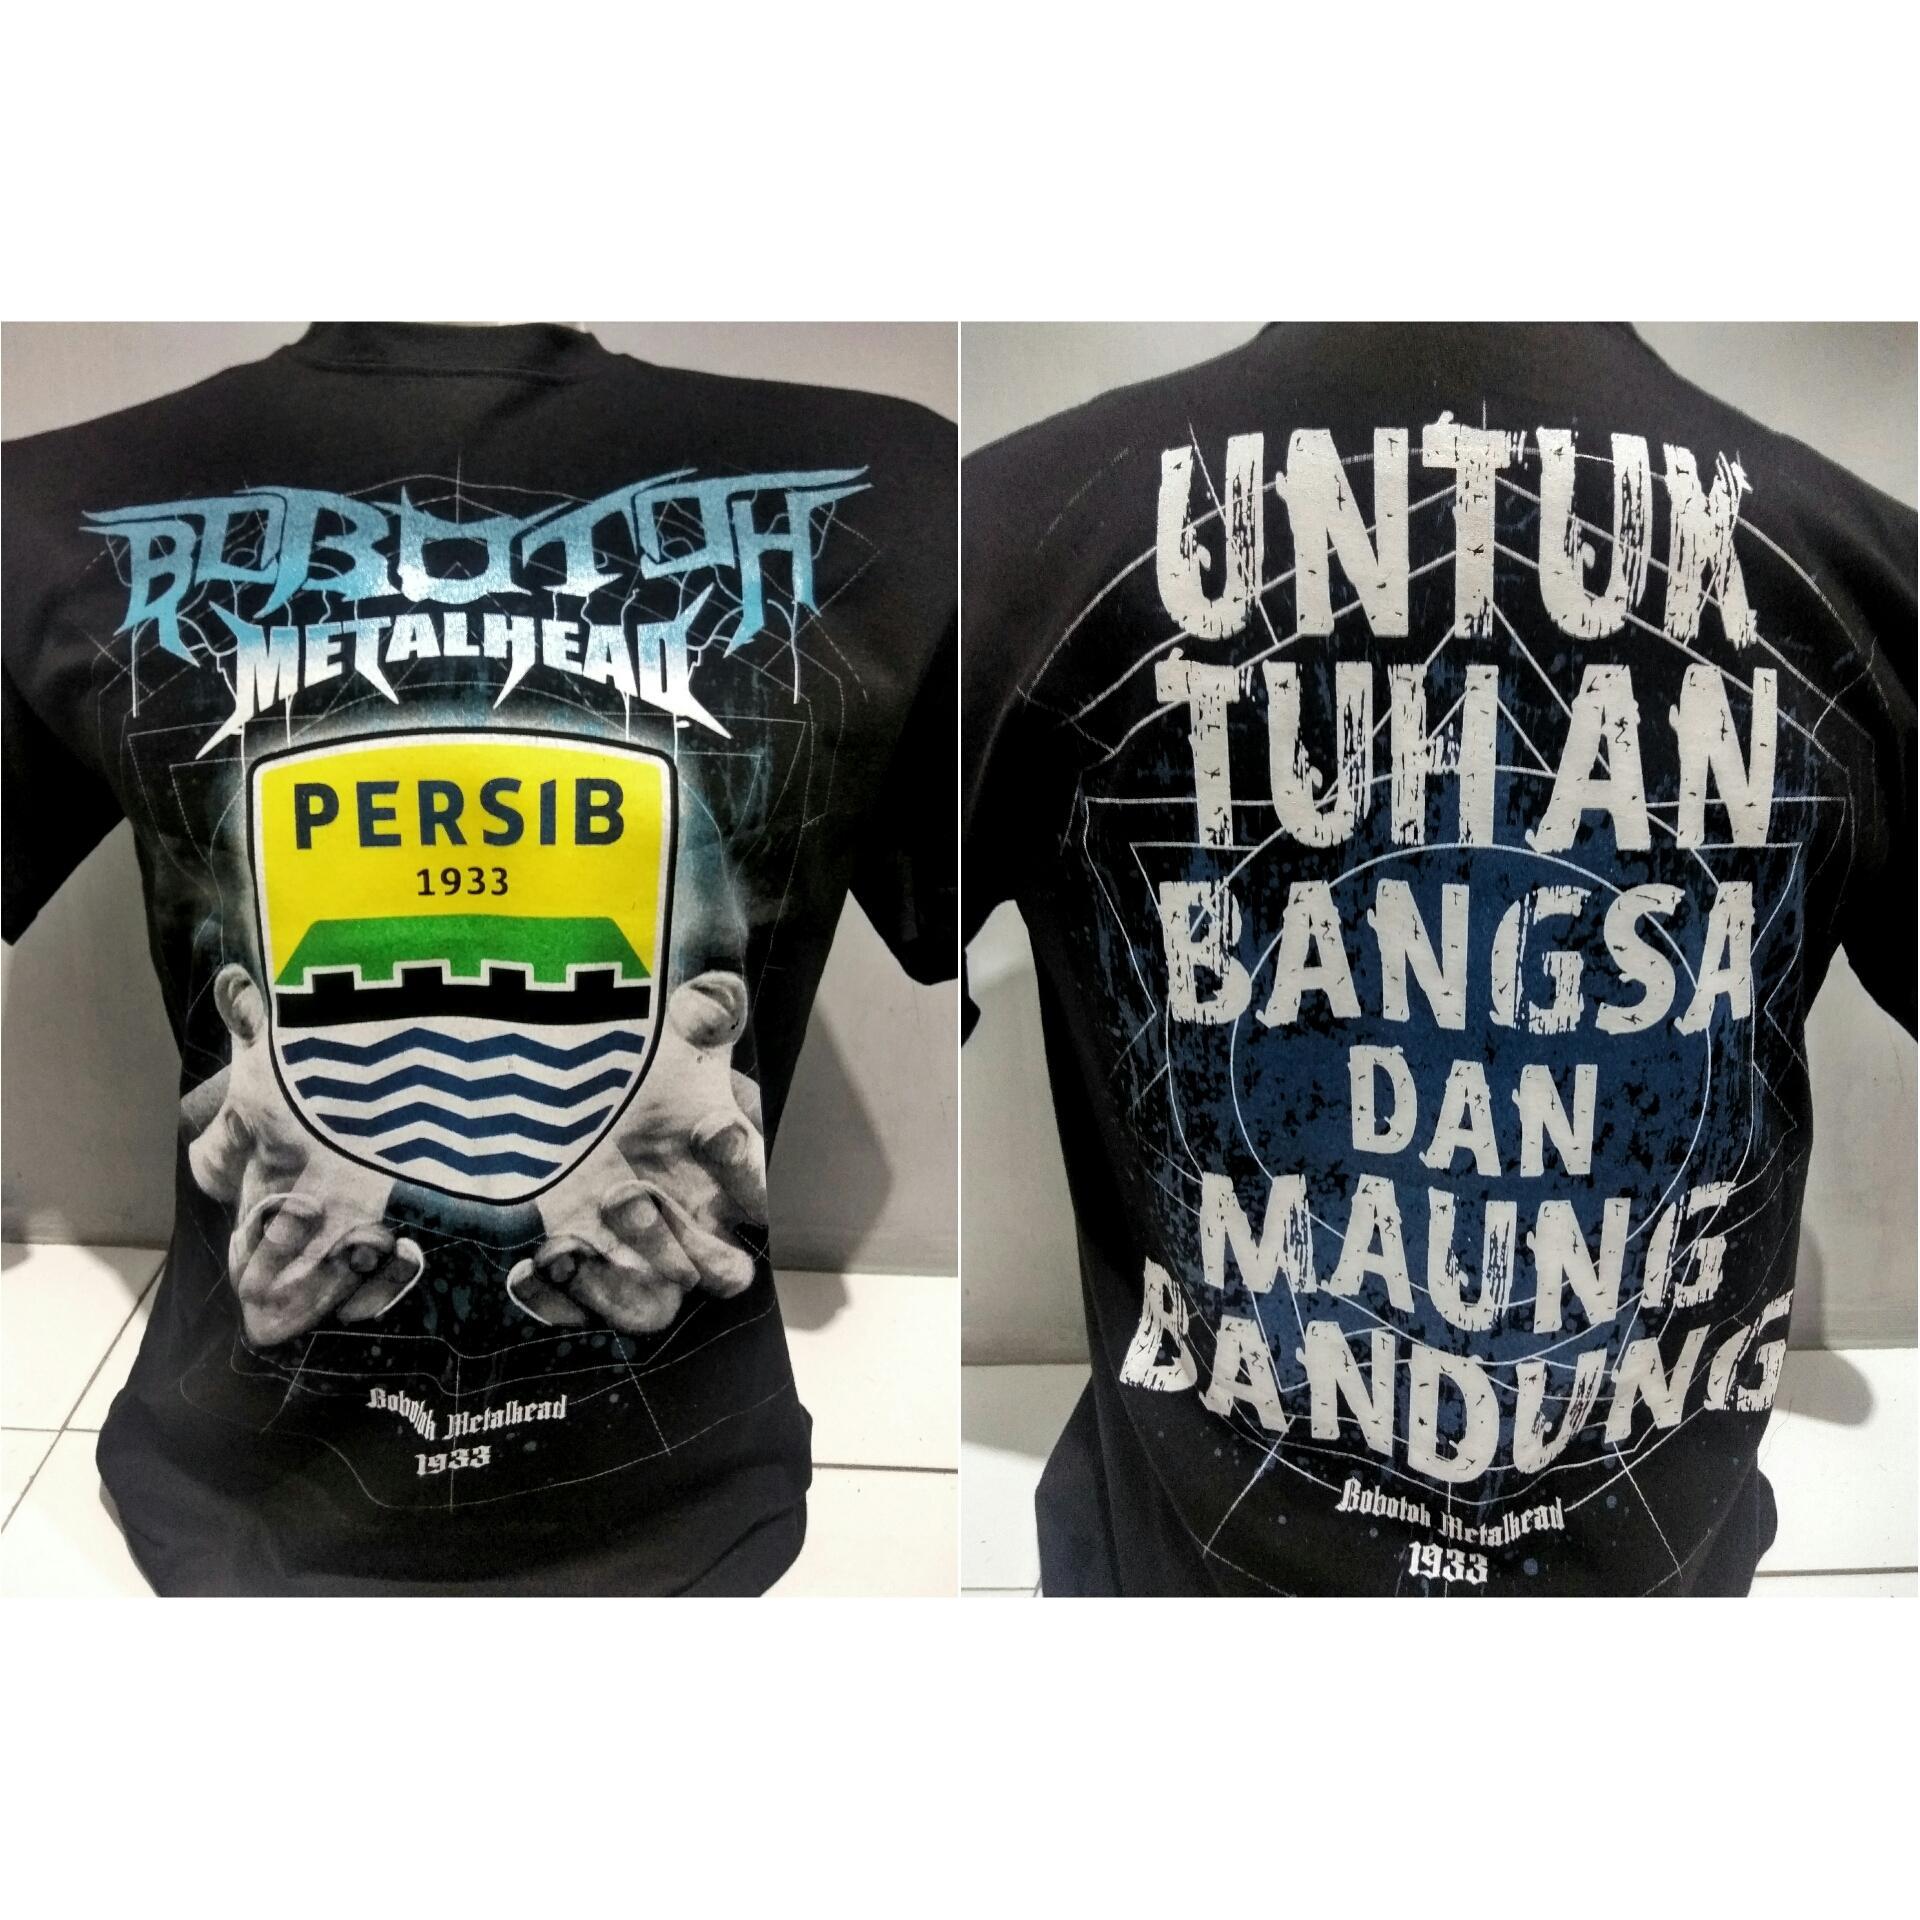 Blacklabel Kaos Hitam Bl Suicide Silence 10 T Shirt Rock Star Metal Source · Beli Kaos